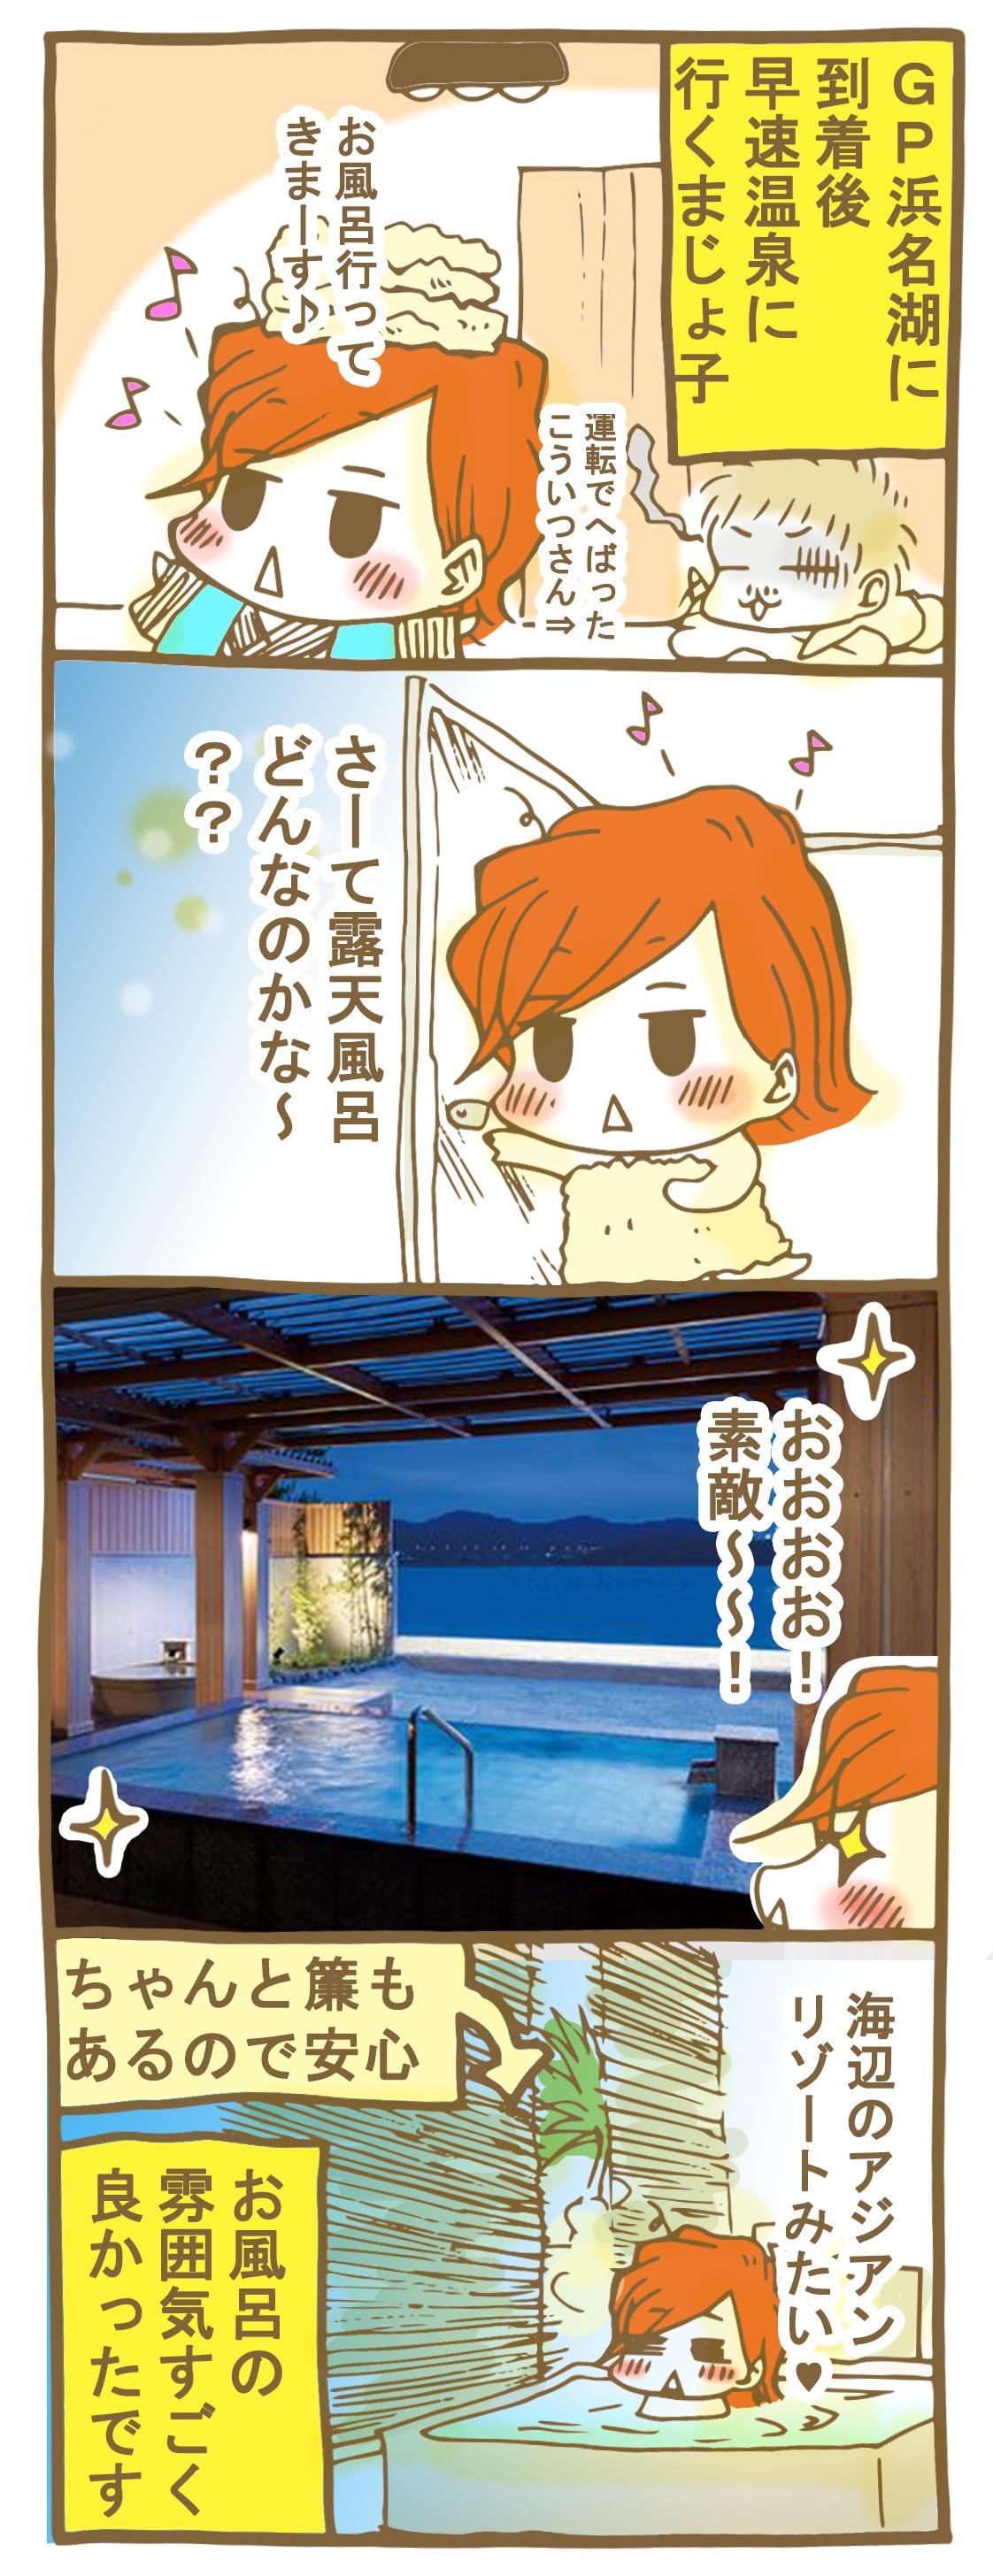 グリーンプラザ浜名湖の露天風呂について語る